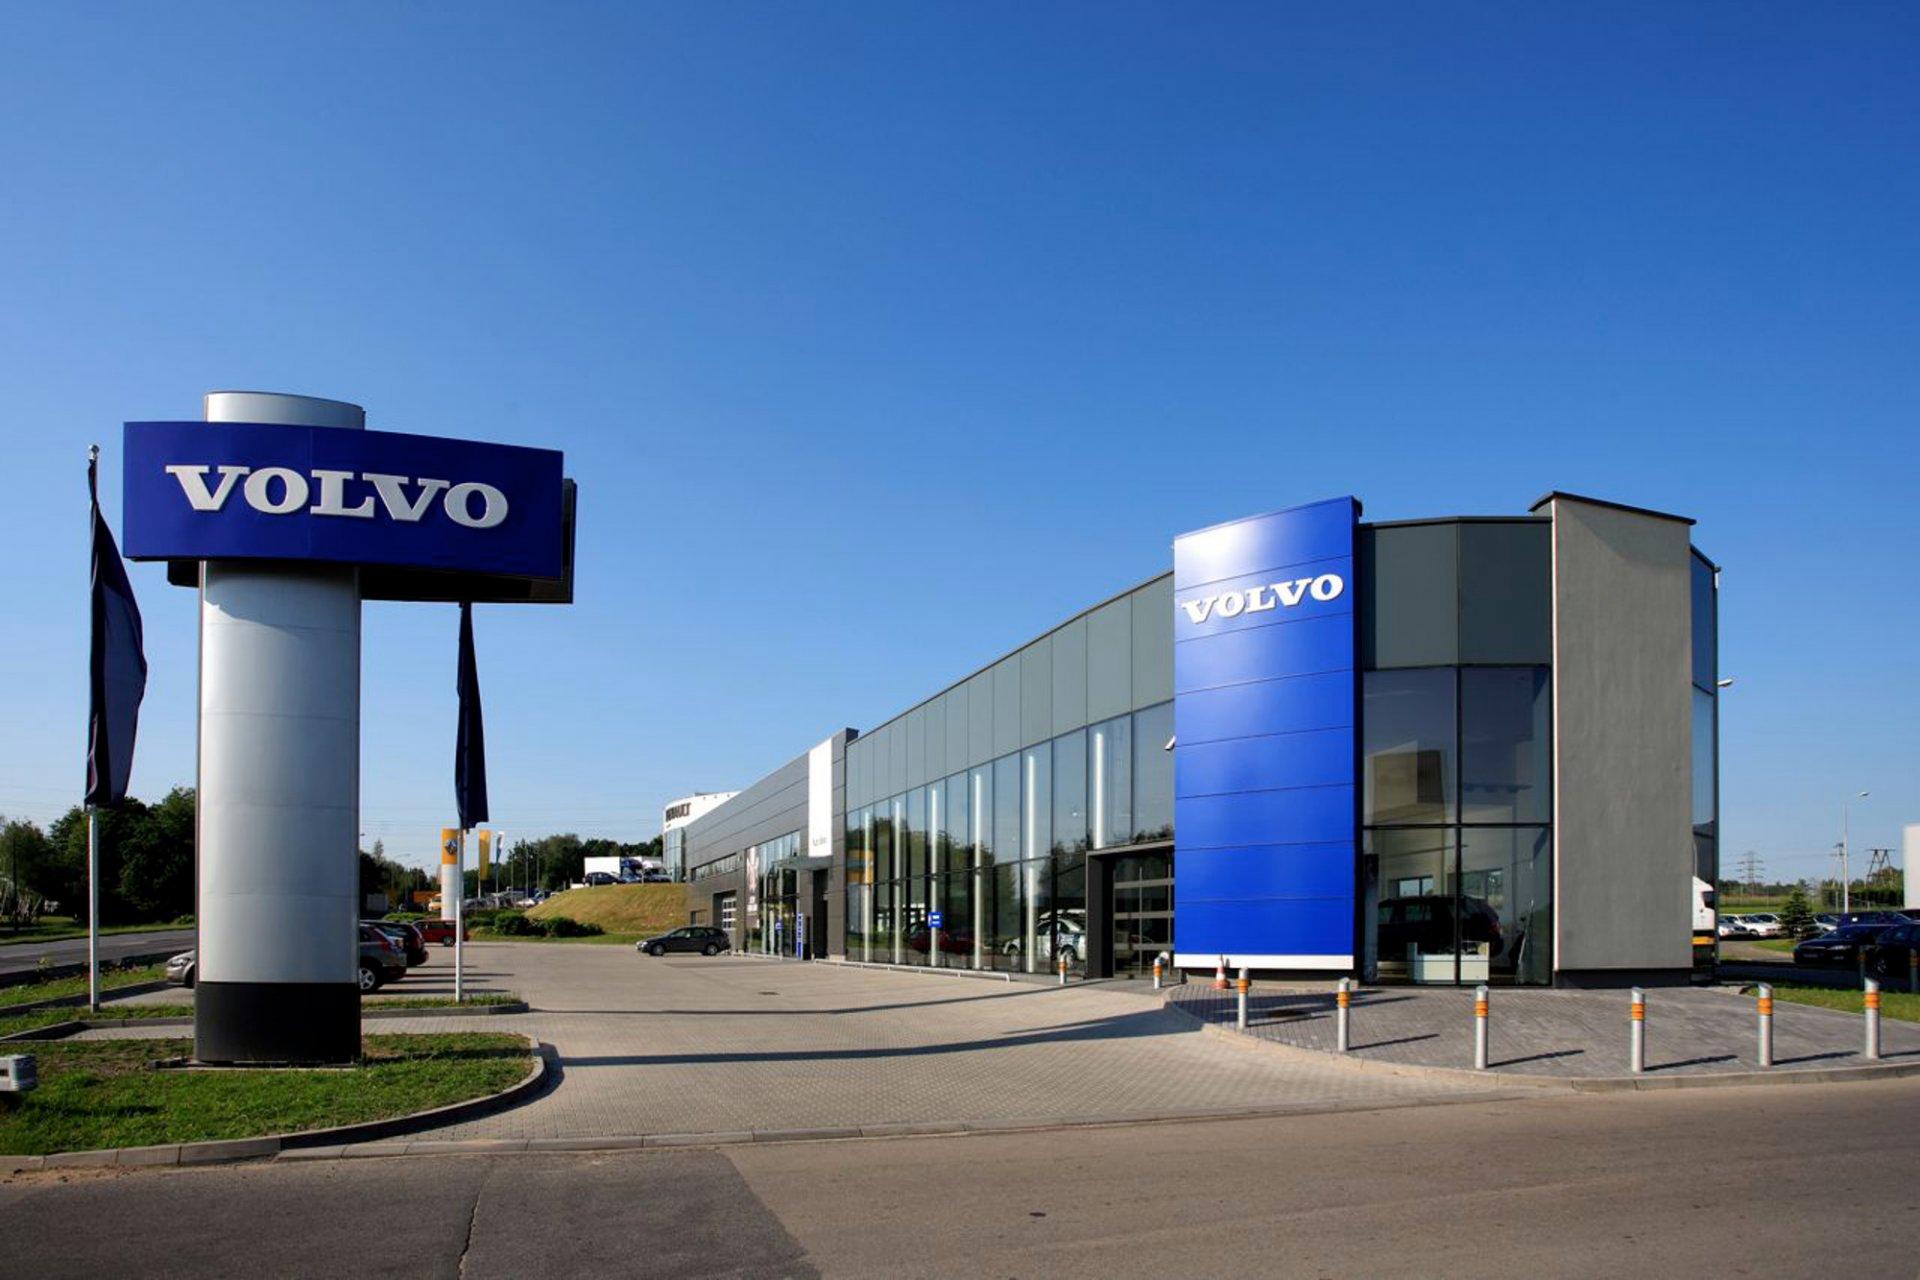 Salon samochodowy Volvo w Bielsku-Białej